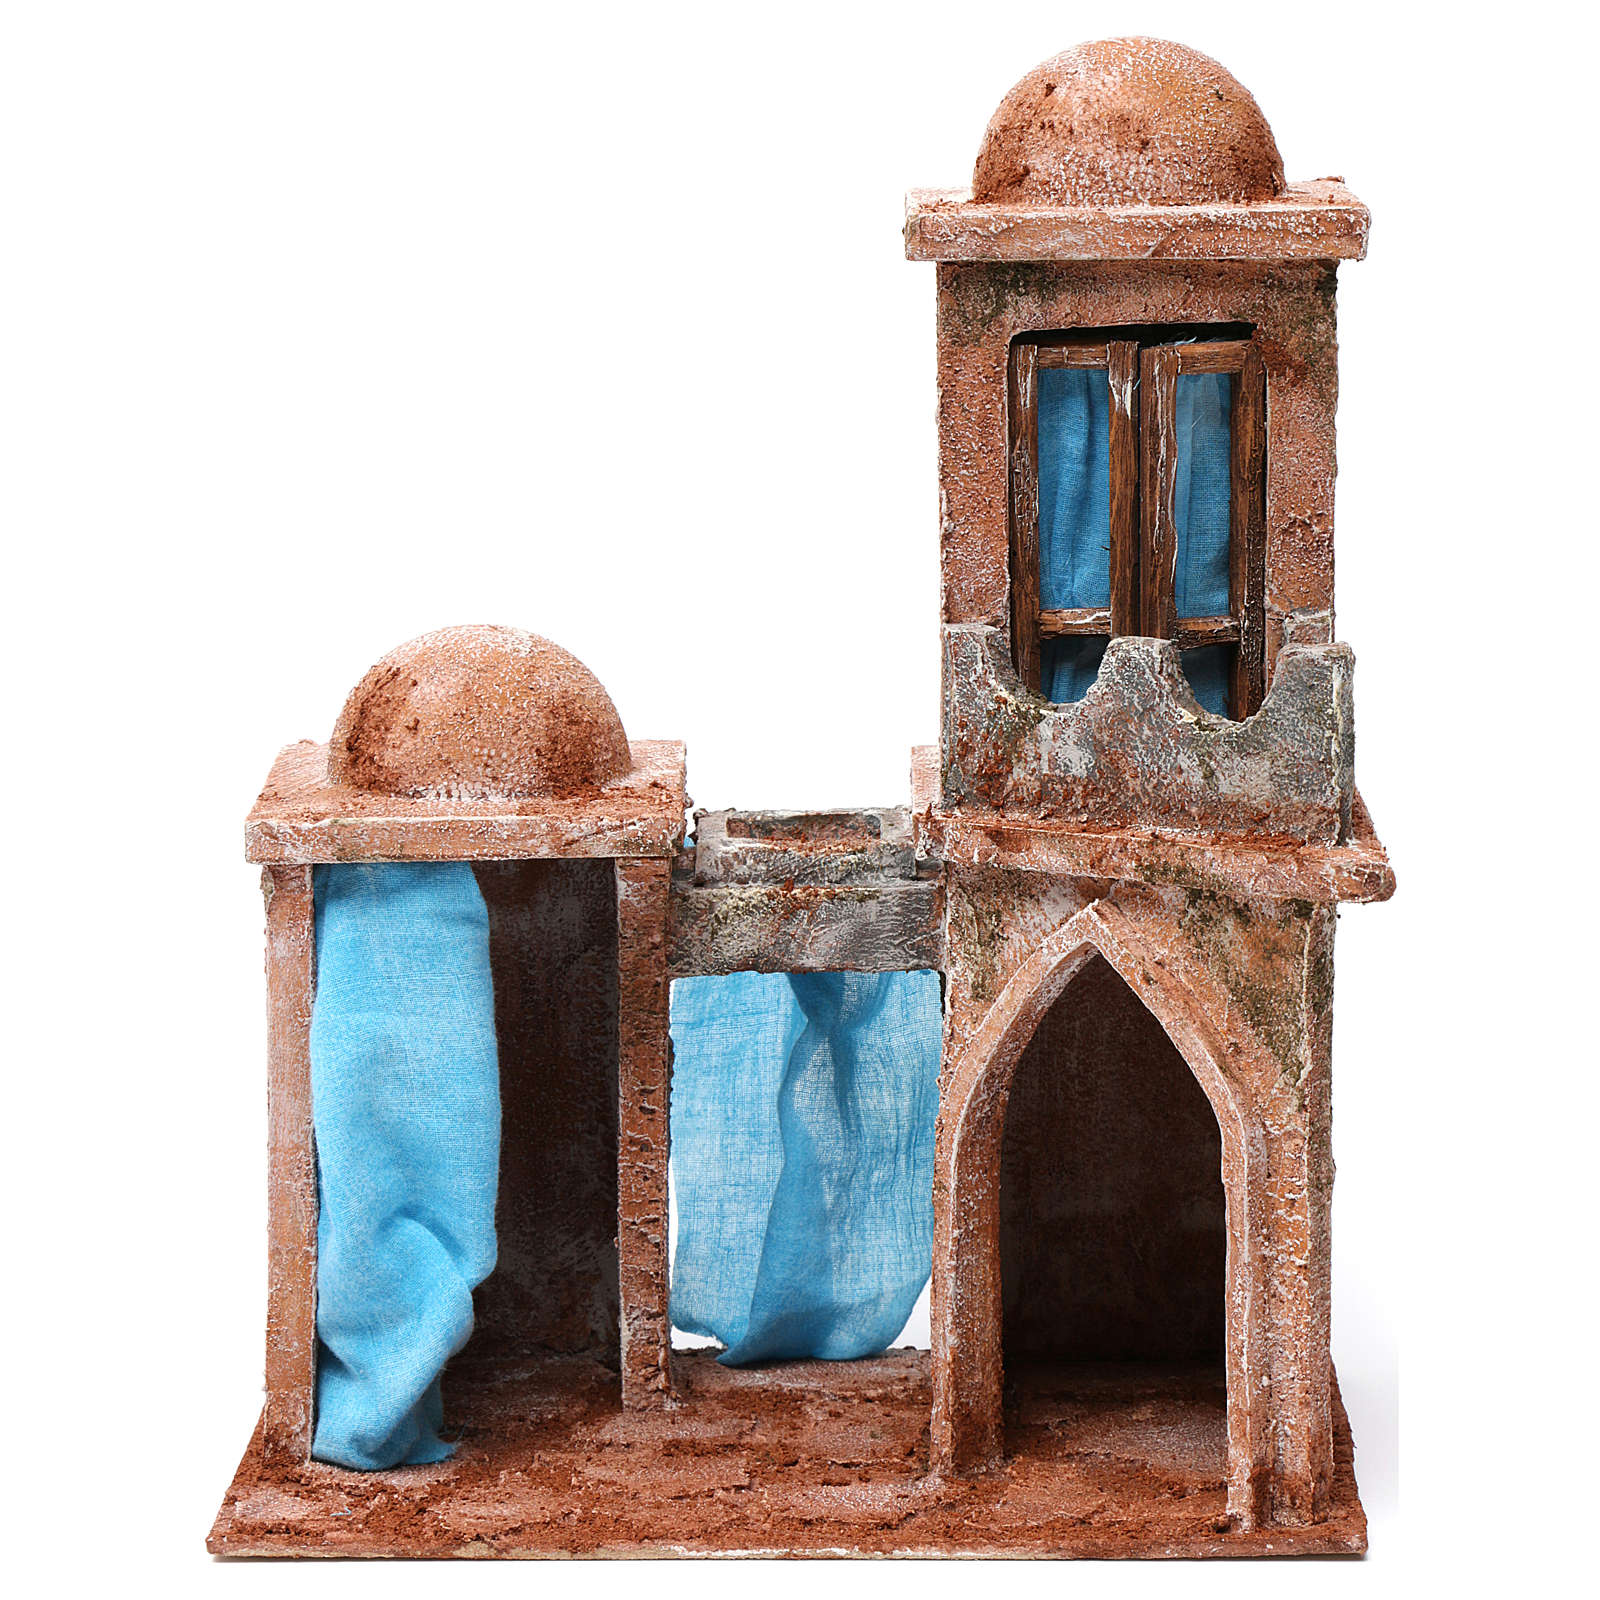 Casa araba doppia cupola doppio porticato tende azzurre per presepe 10 cm 30X25X15 4